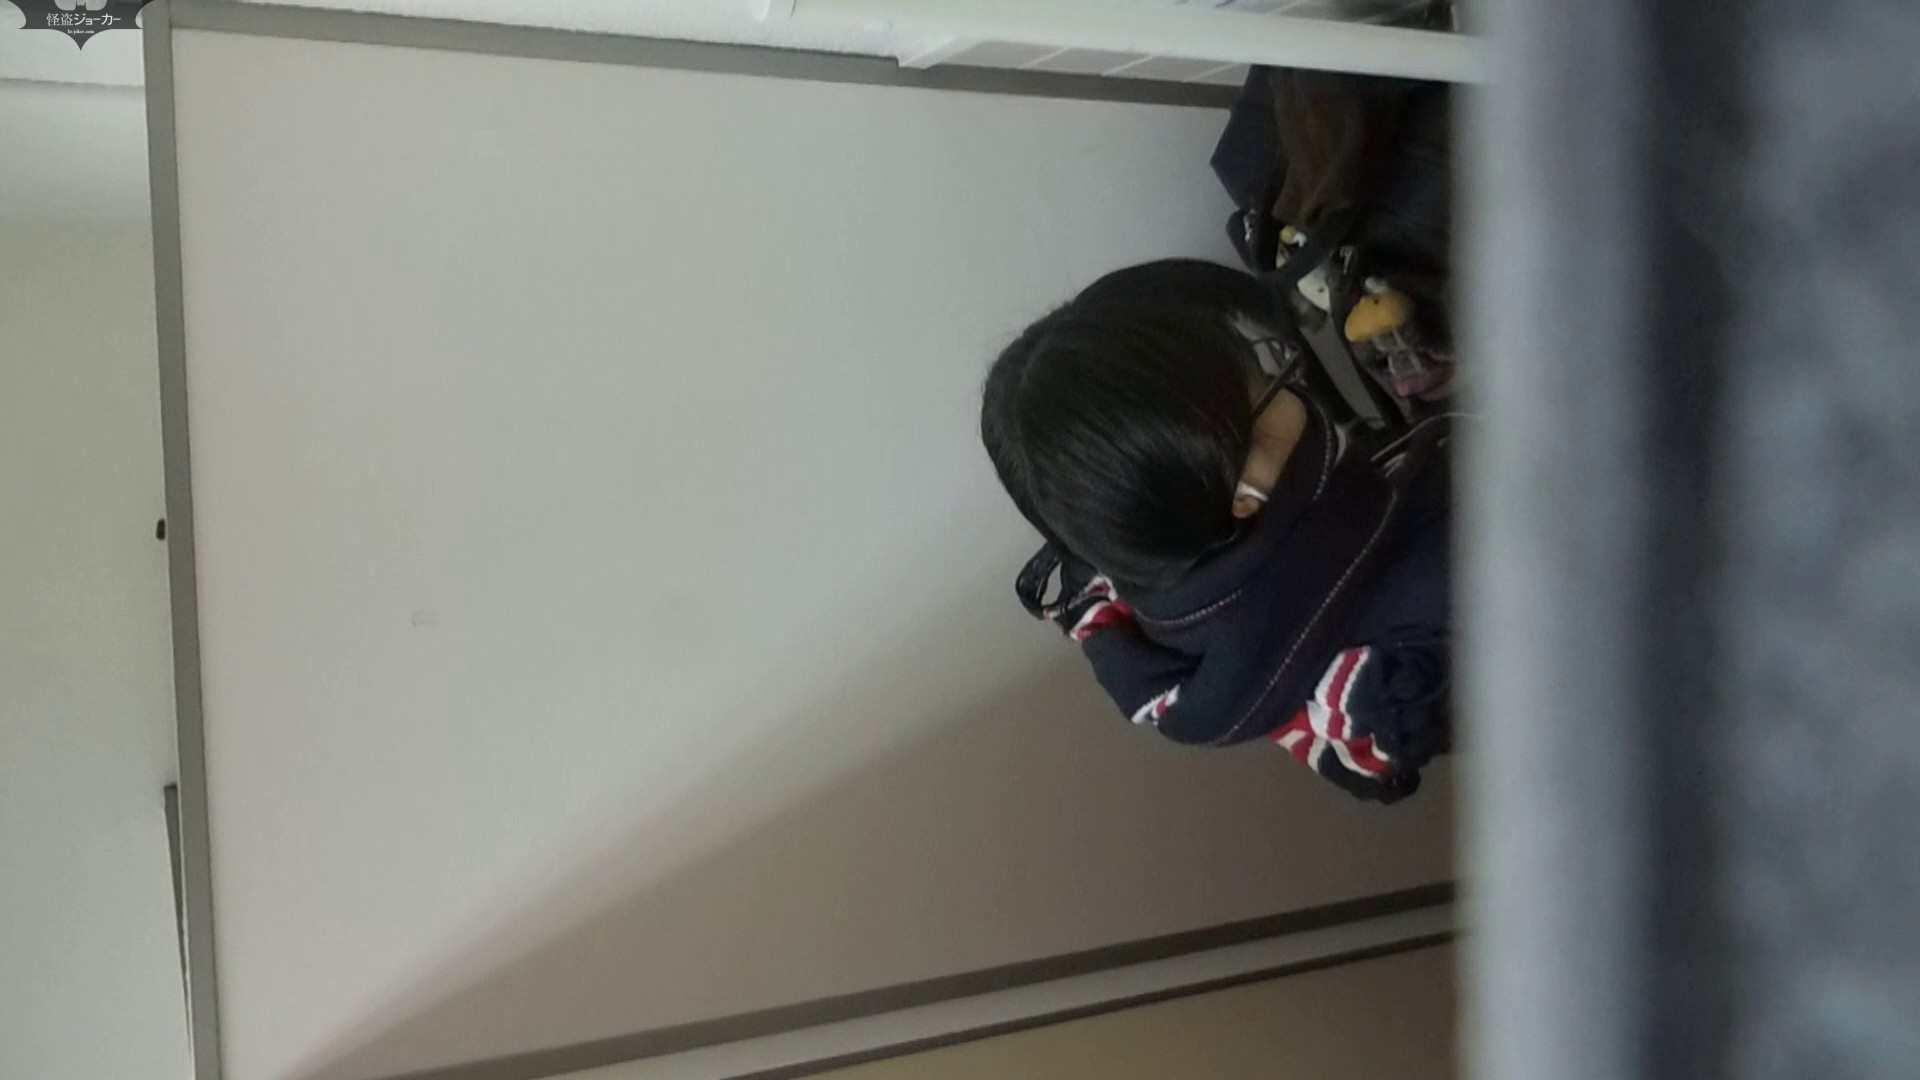 化粧室絵巻 駅舎編 VOL.28 盗撮  87pic 18